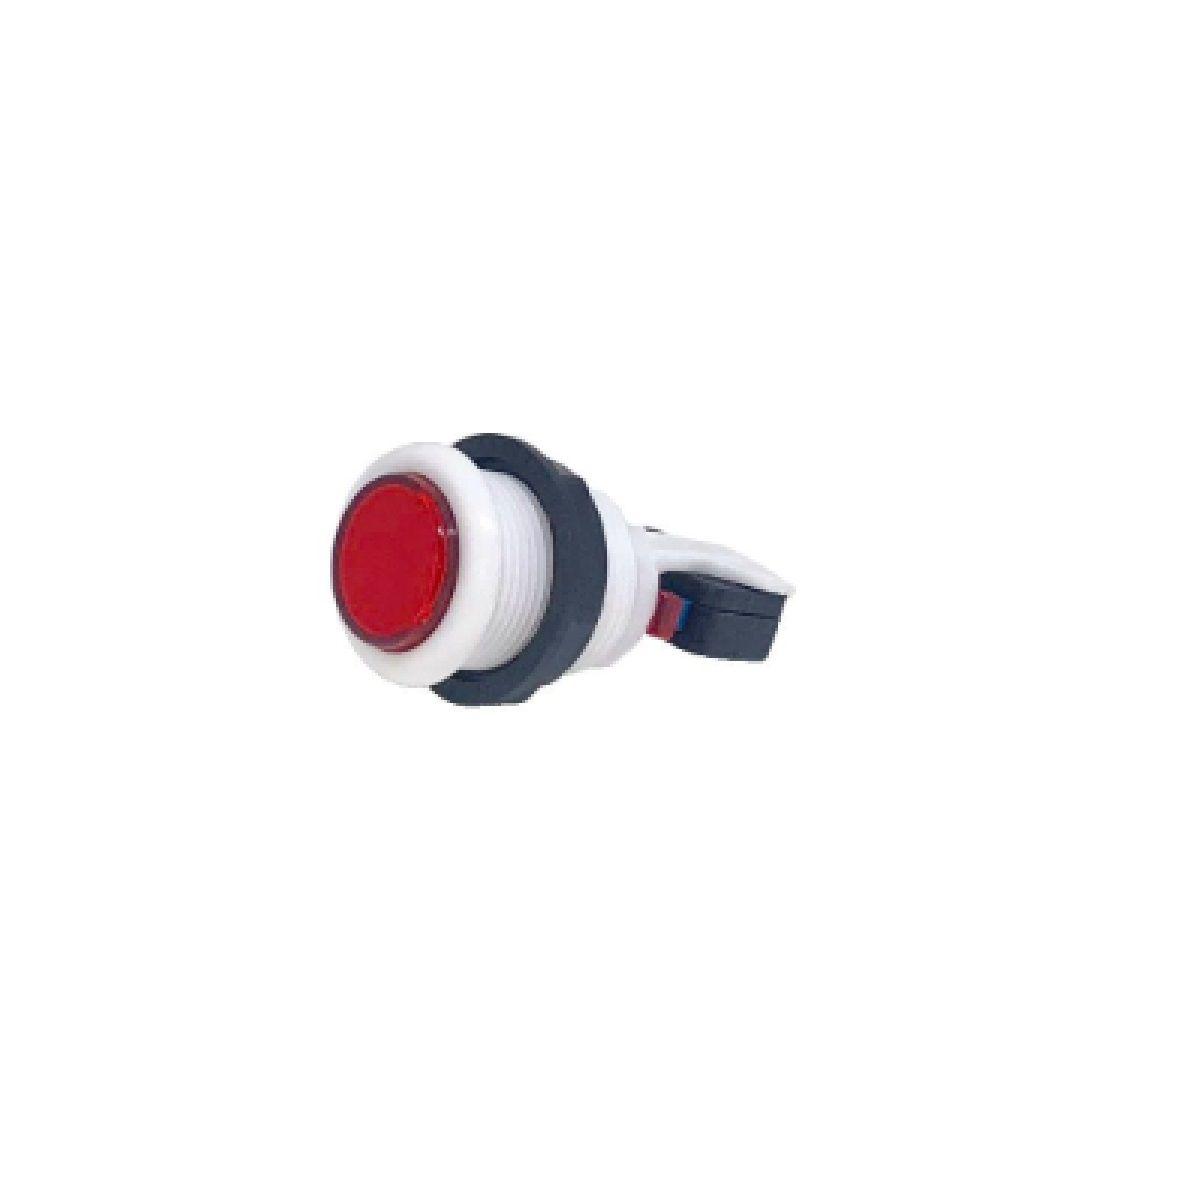 Botão Aegir Arcade Acrílico  Branco com Micro Switch Vermelho